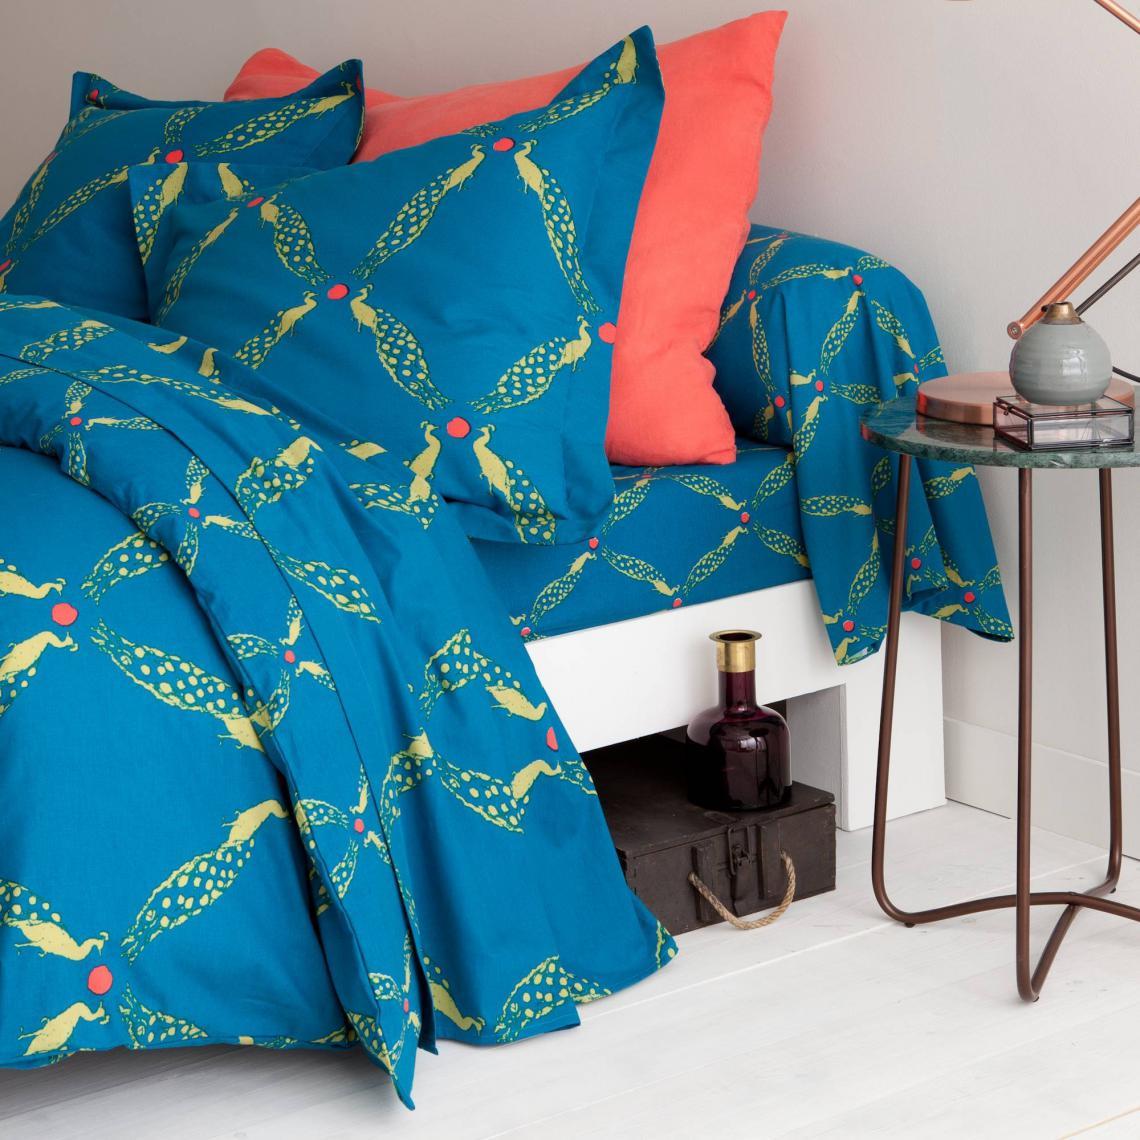 Drap housse 100% coton imprimé Paon   Bleu | 3 SUISSES